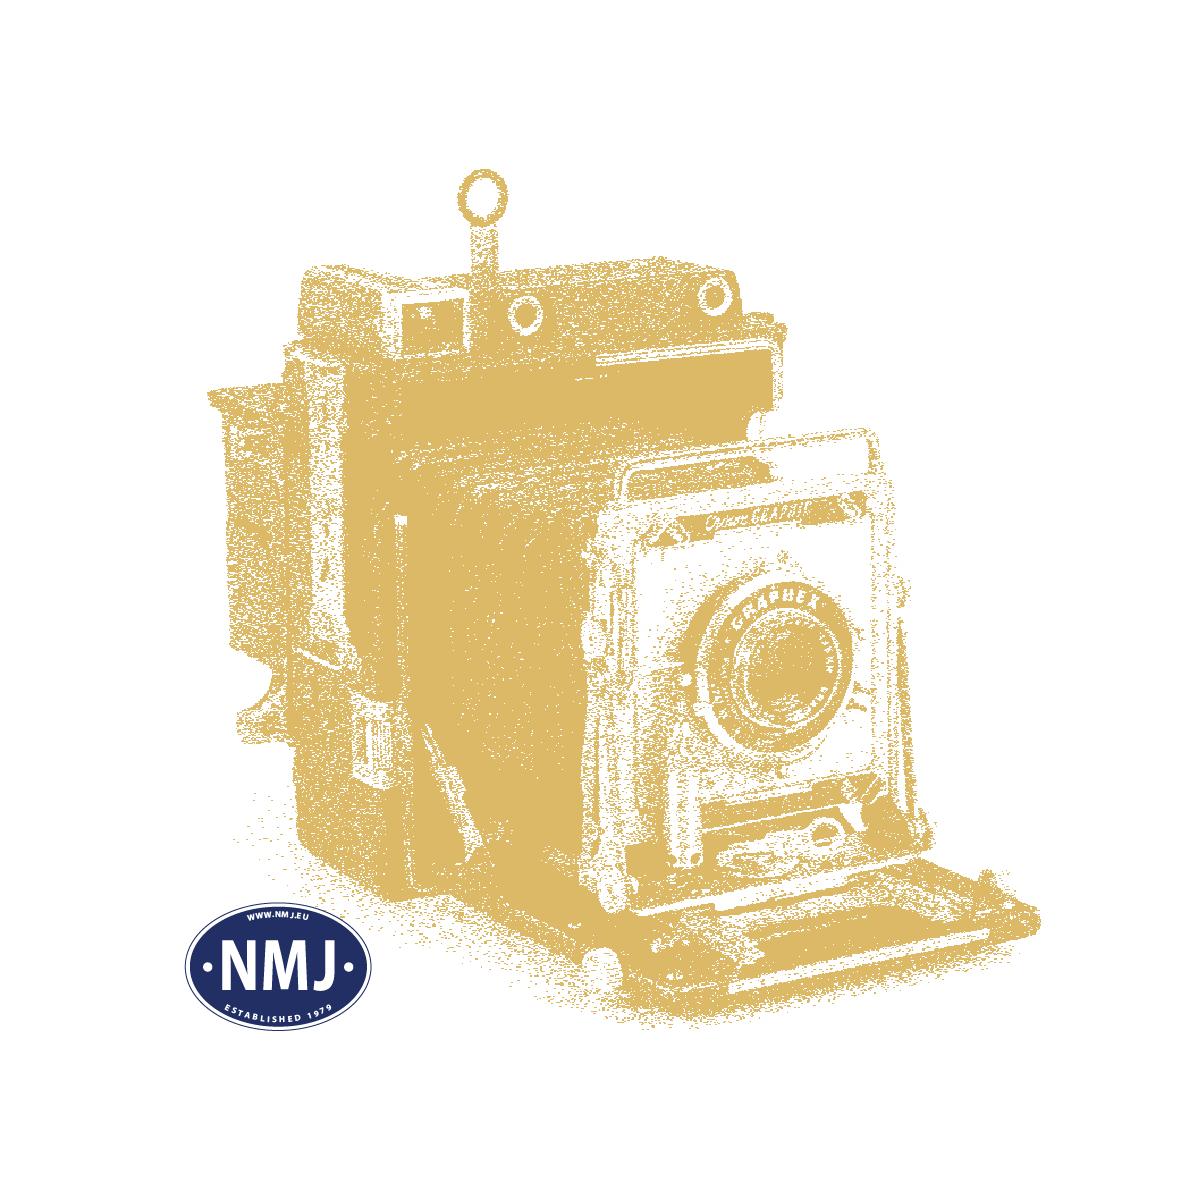 NMJT90040 - *NMJ 40 ÅR* - NMJ Topline NSB Di3a 631, Nydesign, DCC m/ Lyd